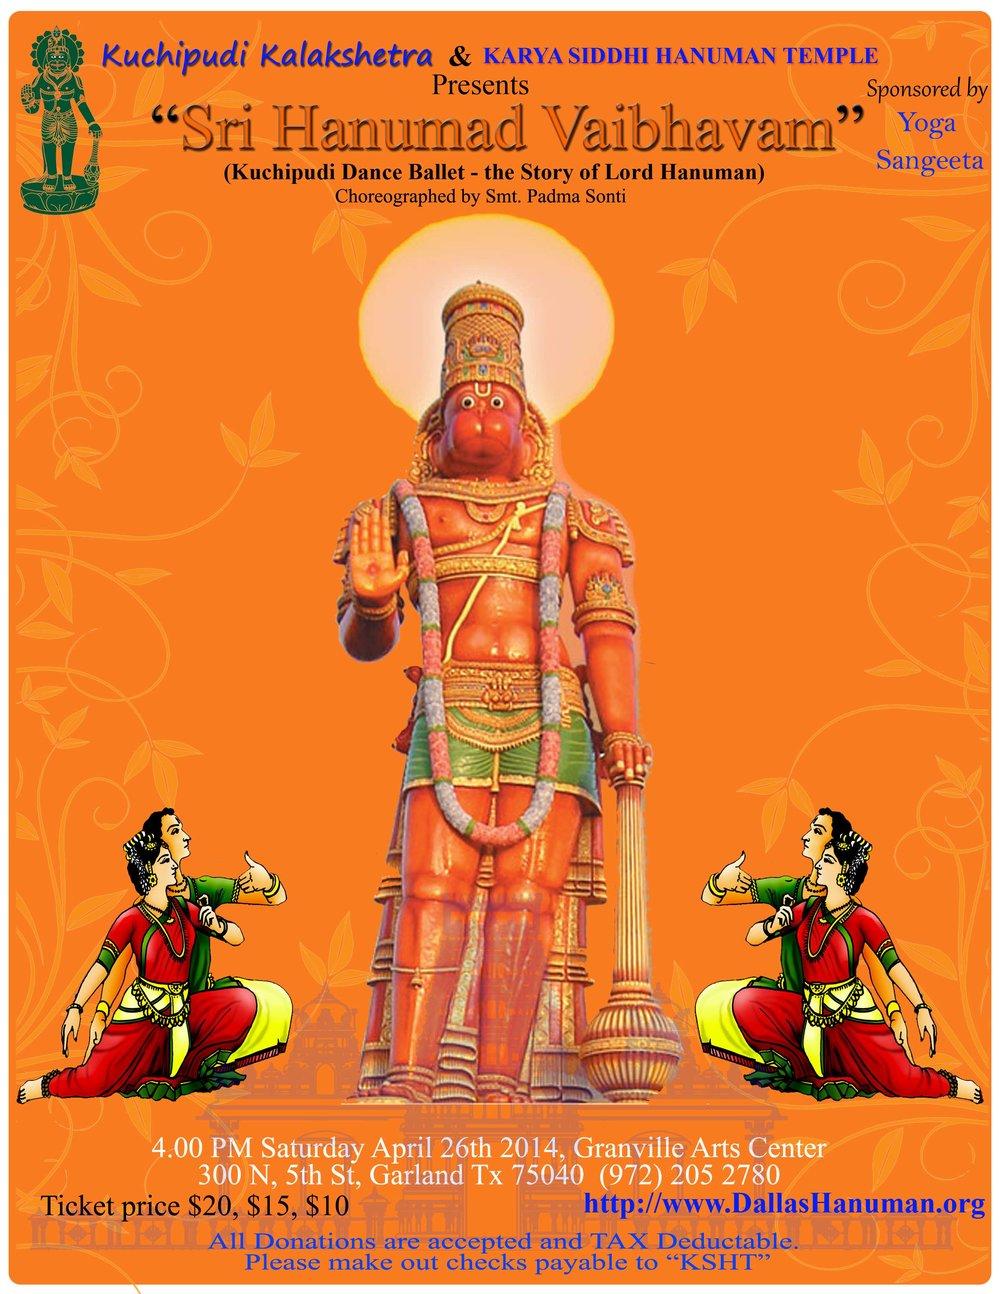 HanumatVaibhavamFlyer2014-2.jpg